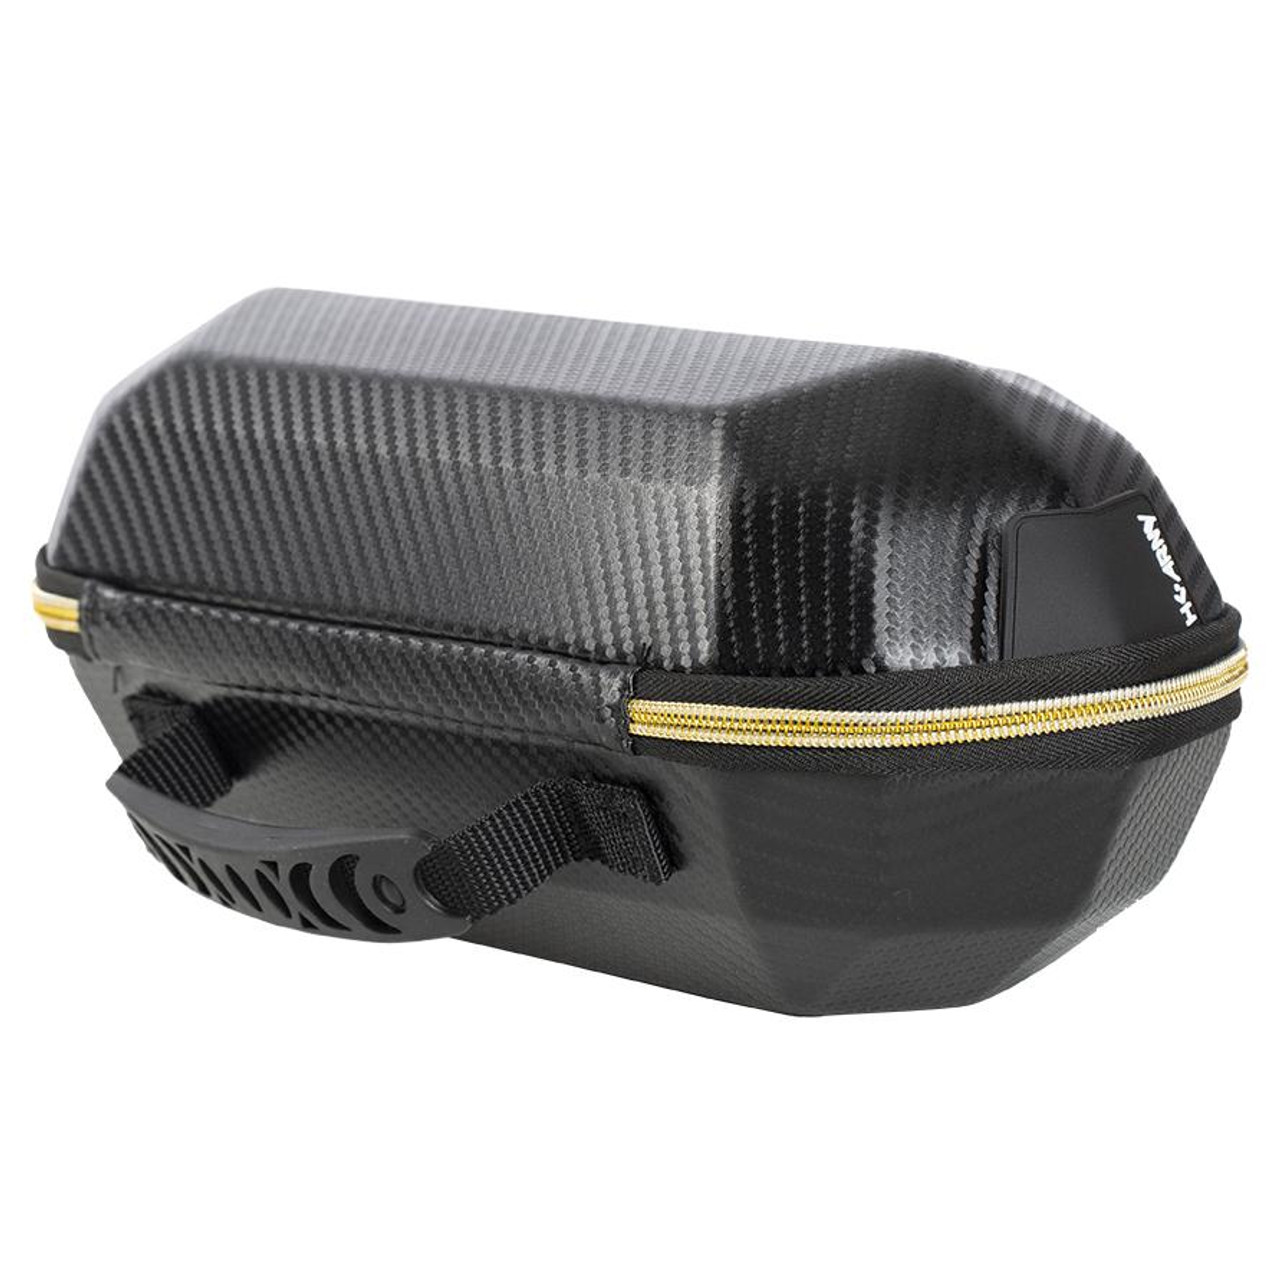 HK - EXO Tank Case - Black Carbon Fiber